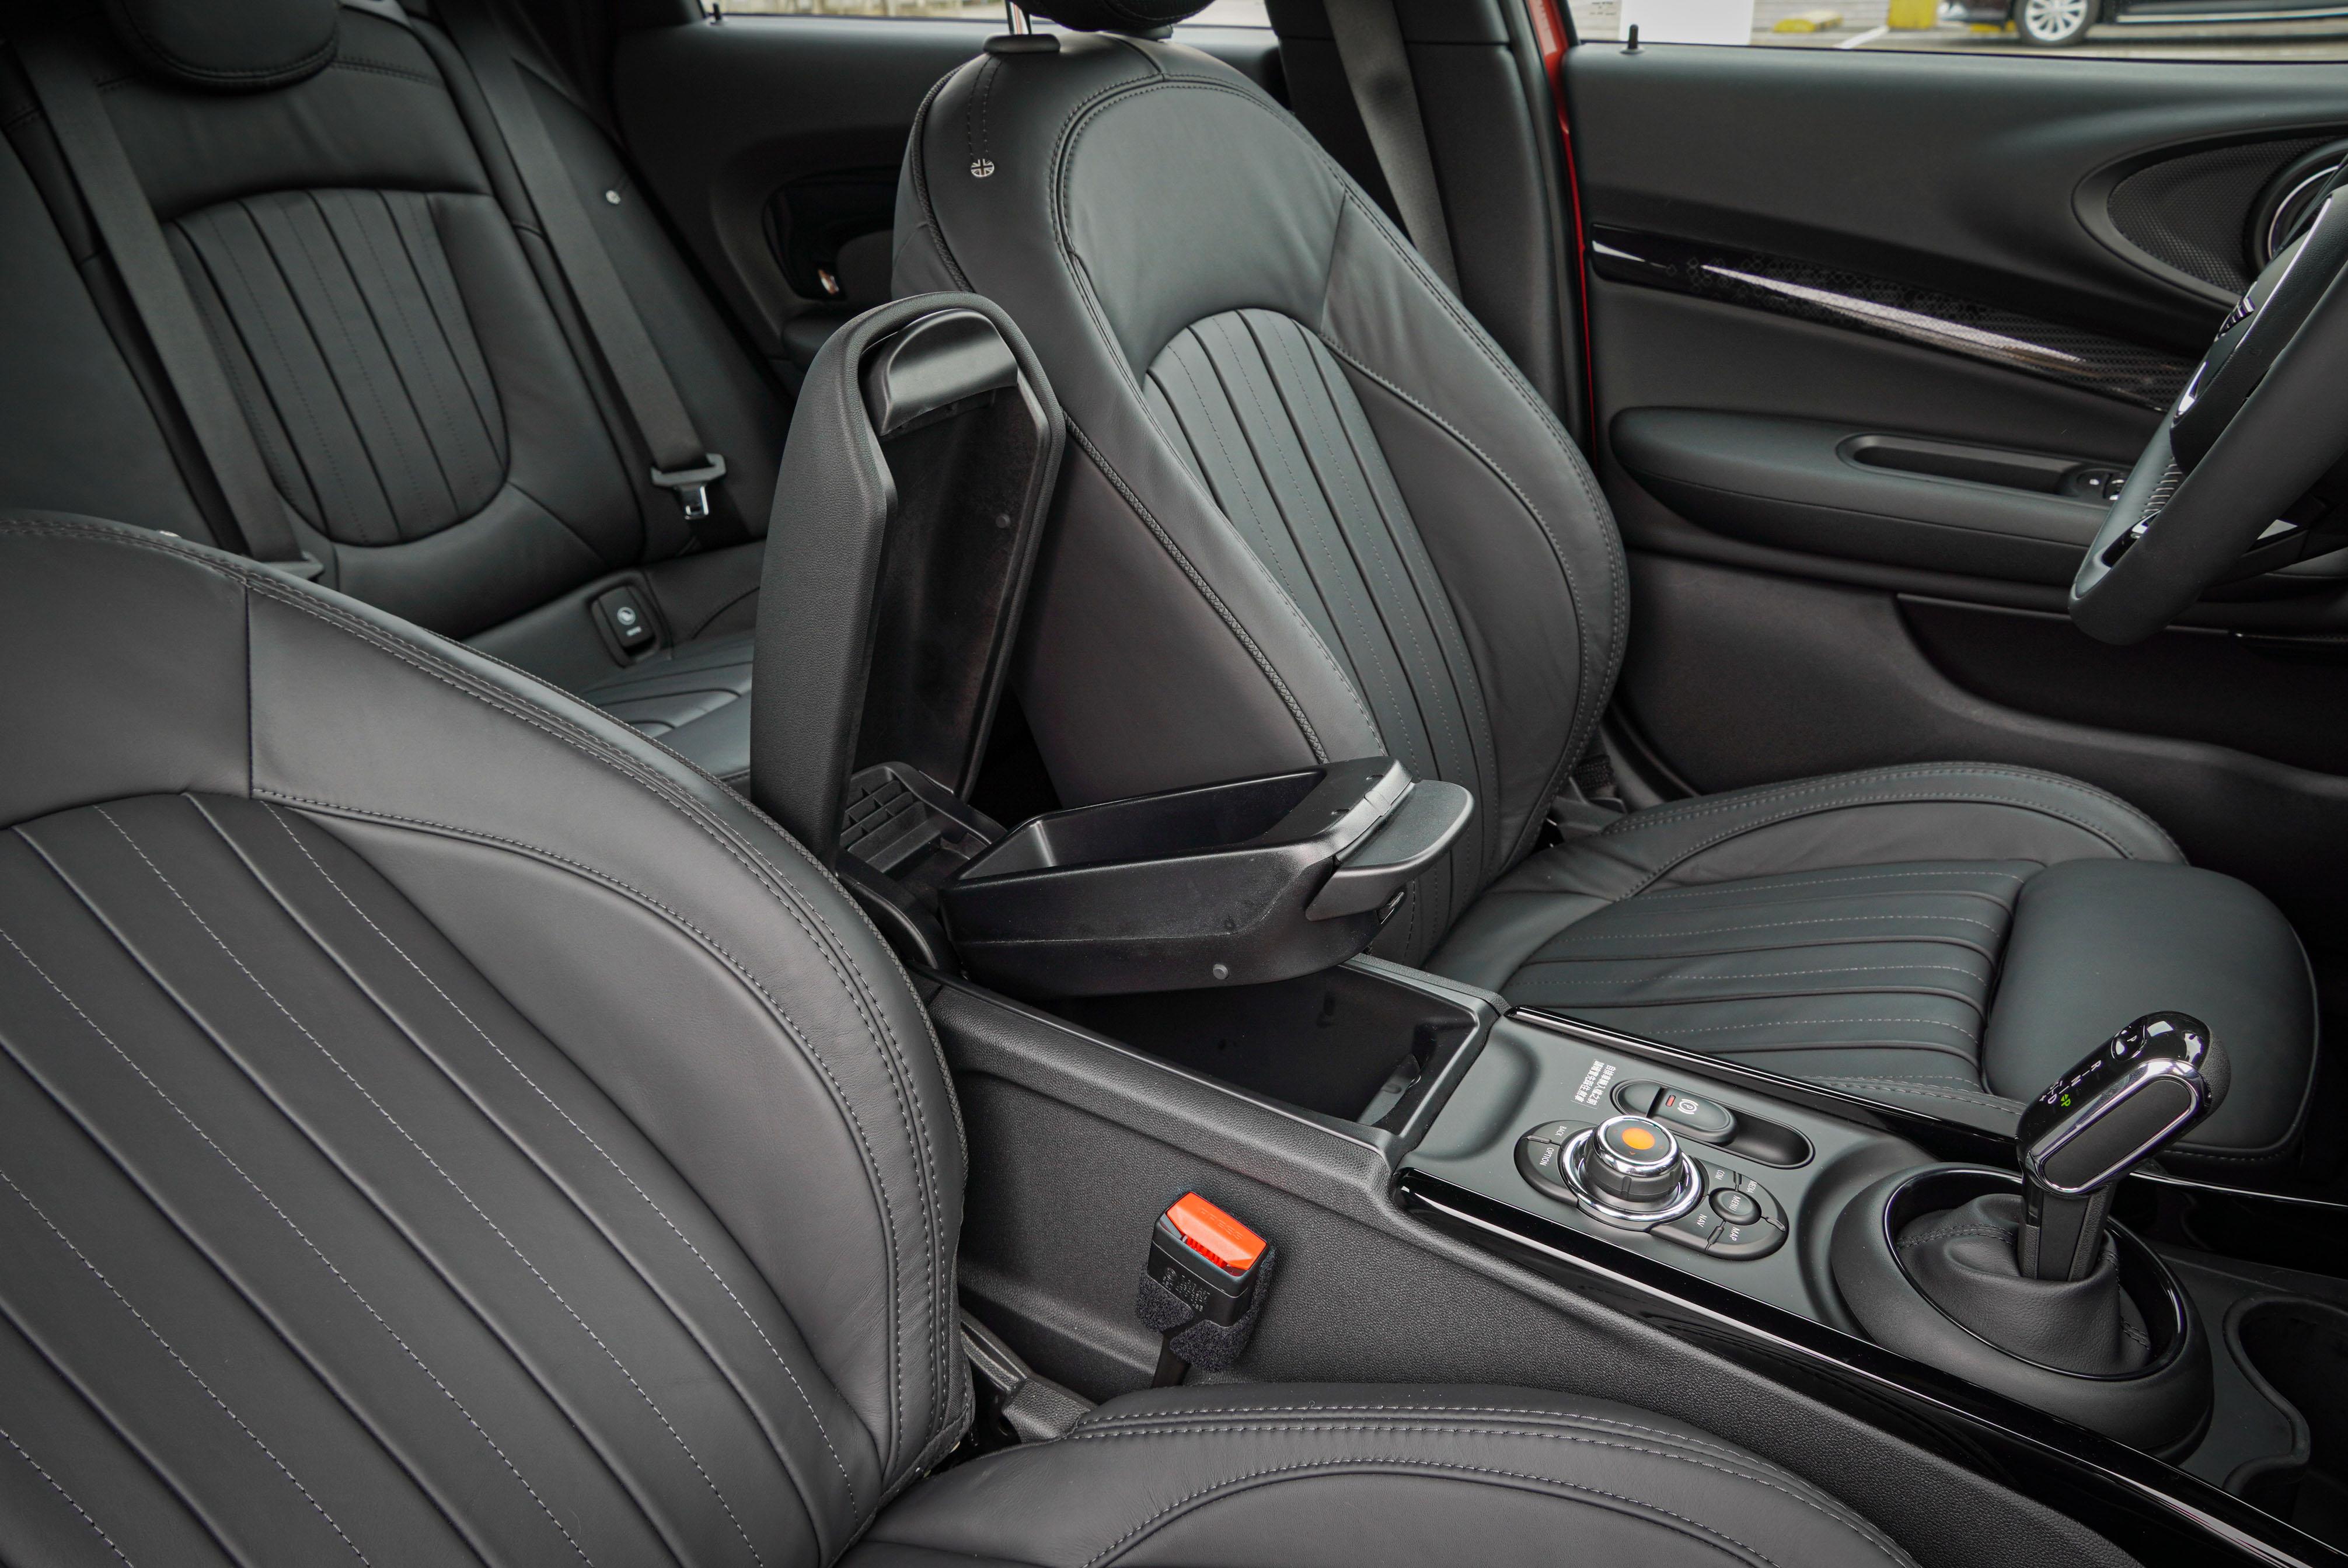 若未選配 Mini Yours 真皮內裝,Clubman 標配 Leatherette 舒適皮質內裝。